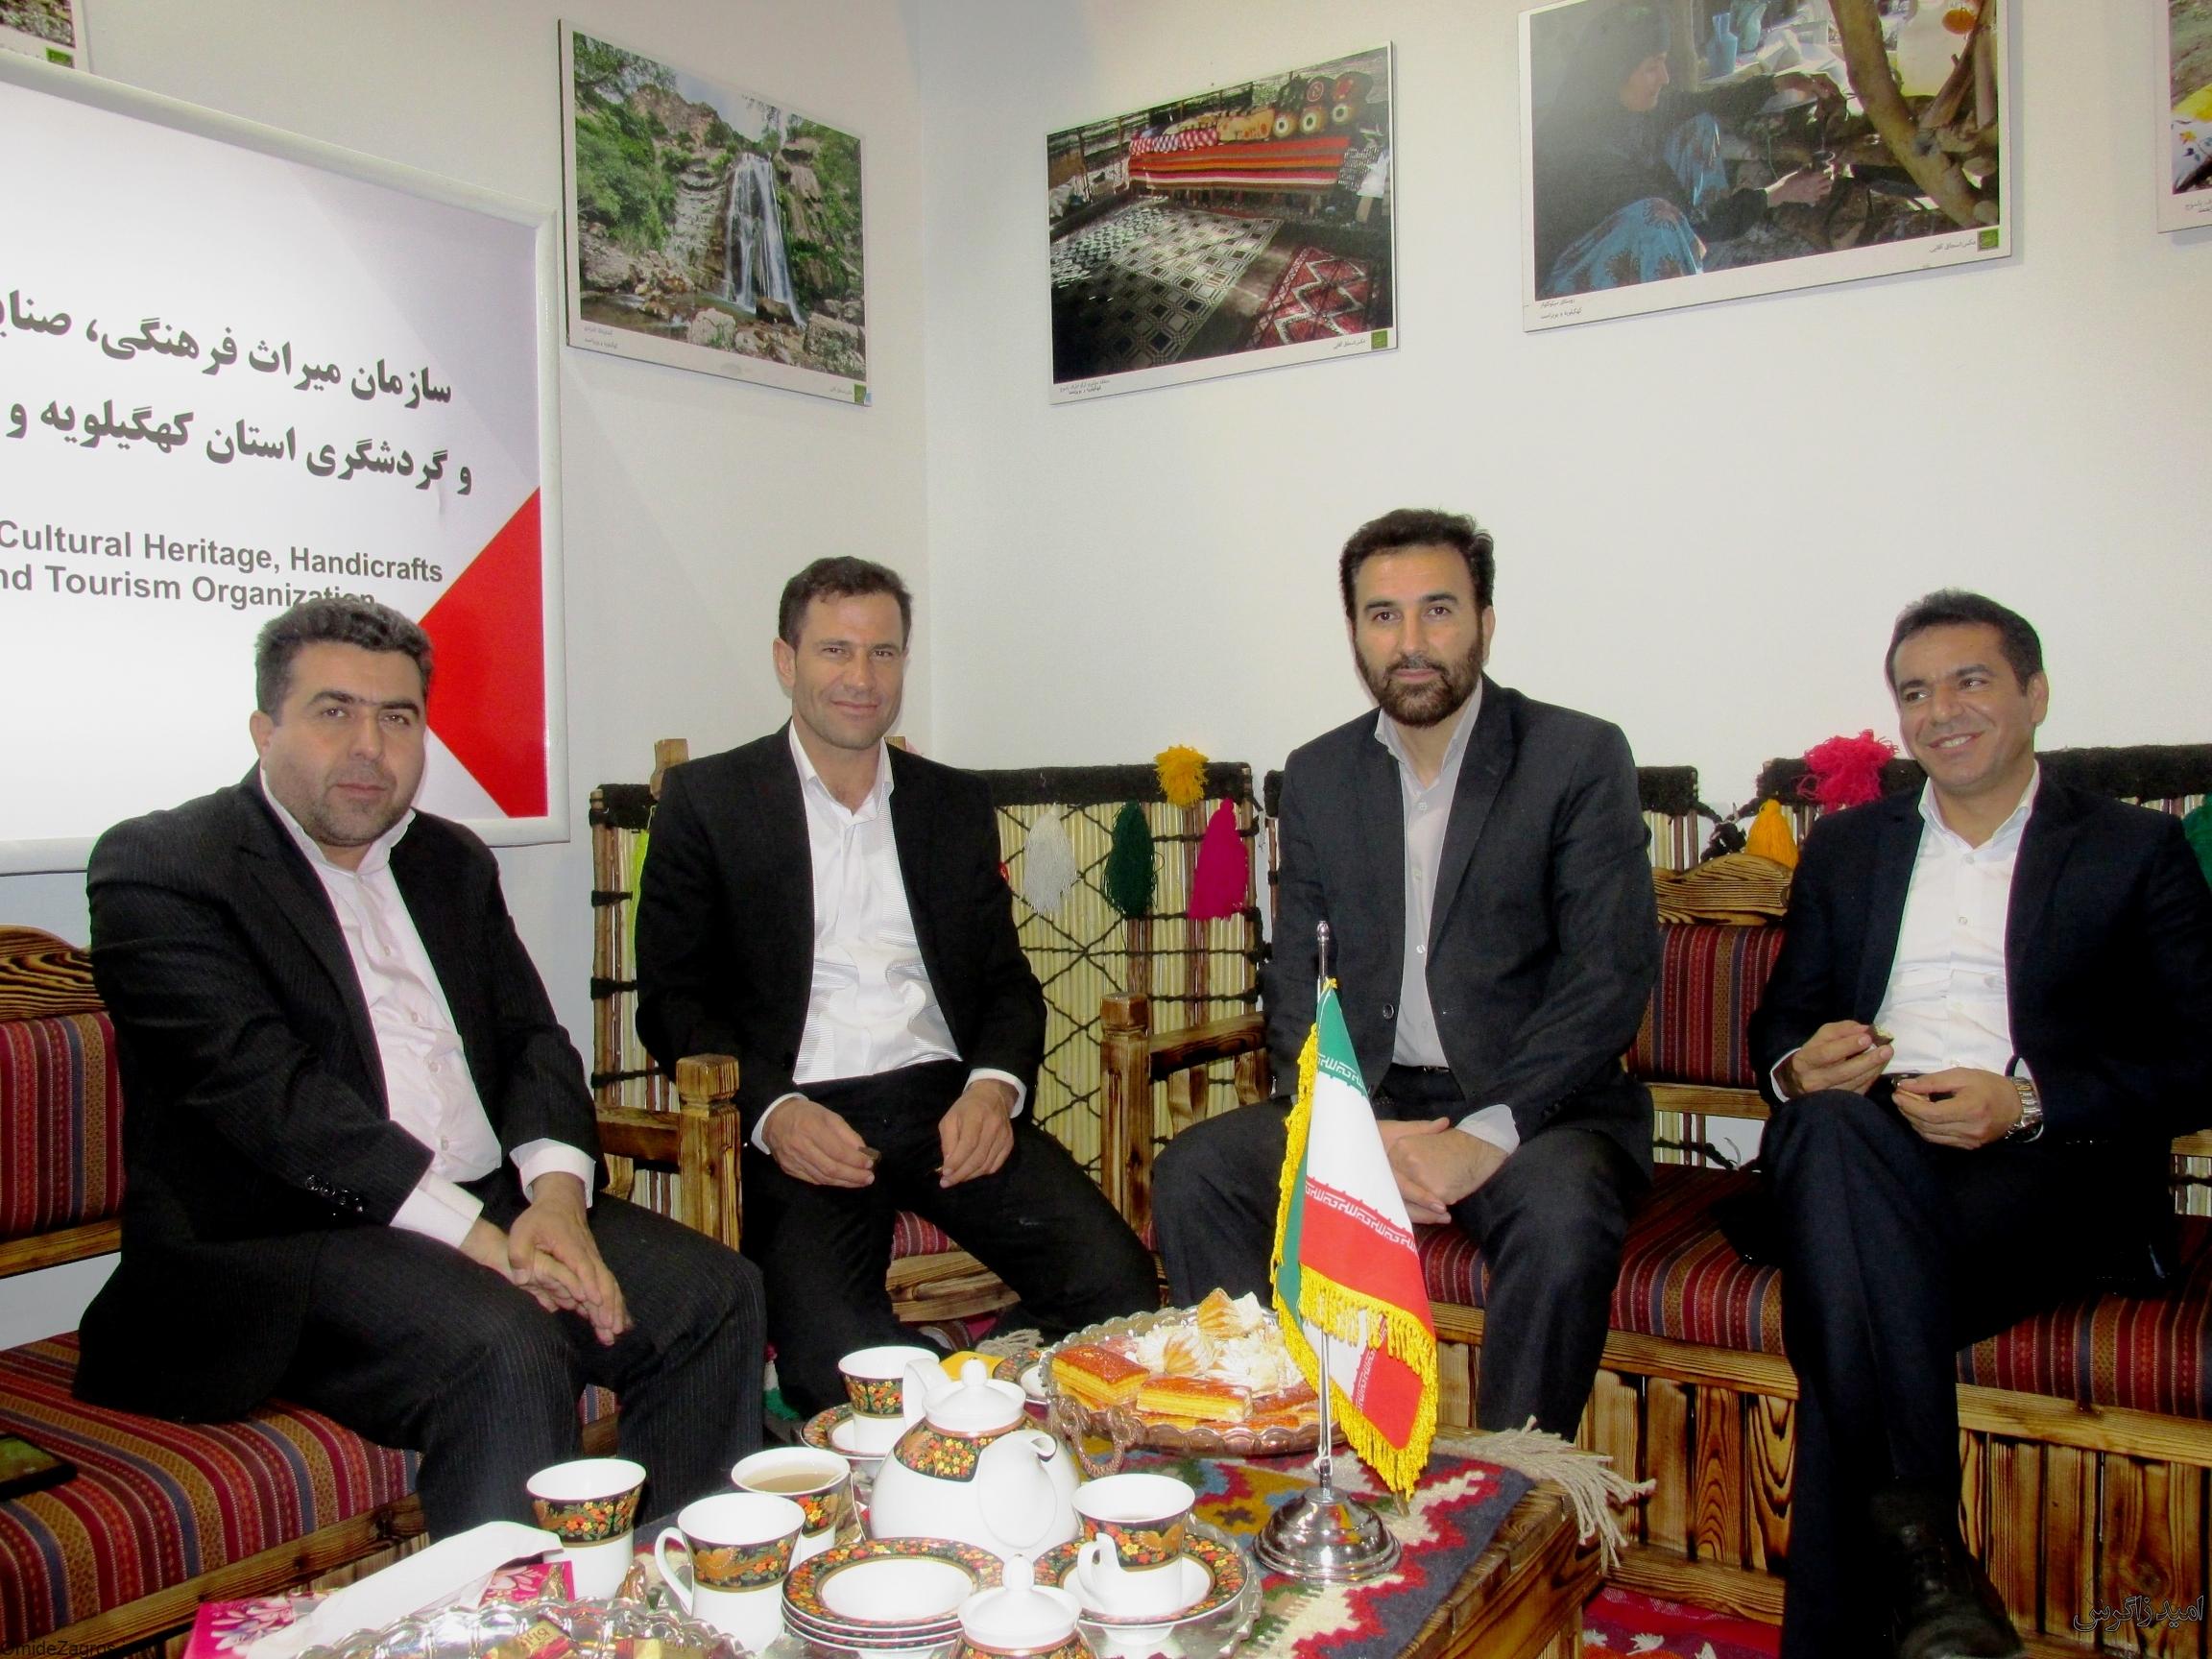 استقبال کم نظیر از «دال دنا» در شیراز / دالدنا، بهشتی در میان بلوطهای زاگرس (+تصاویر)